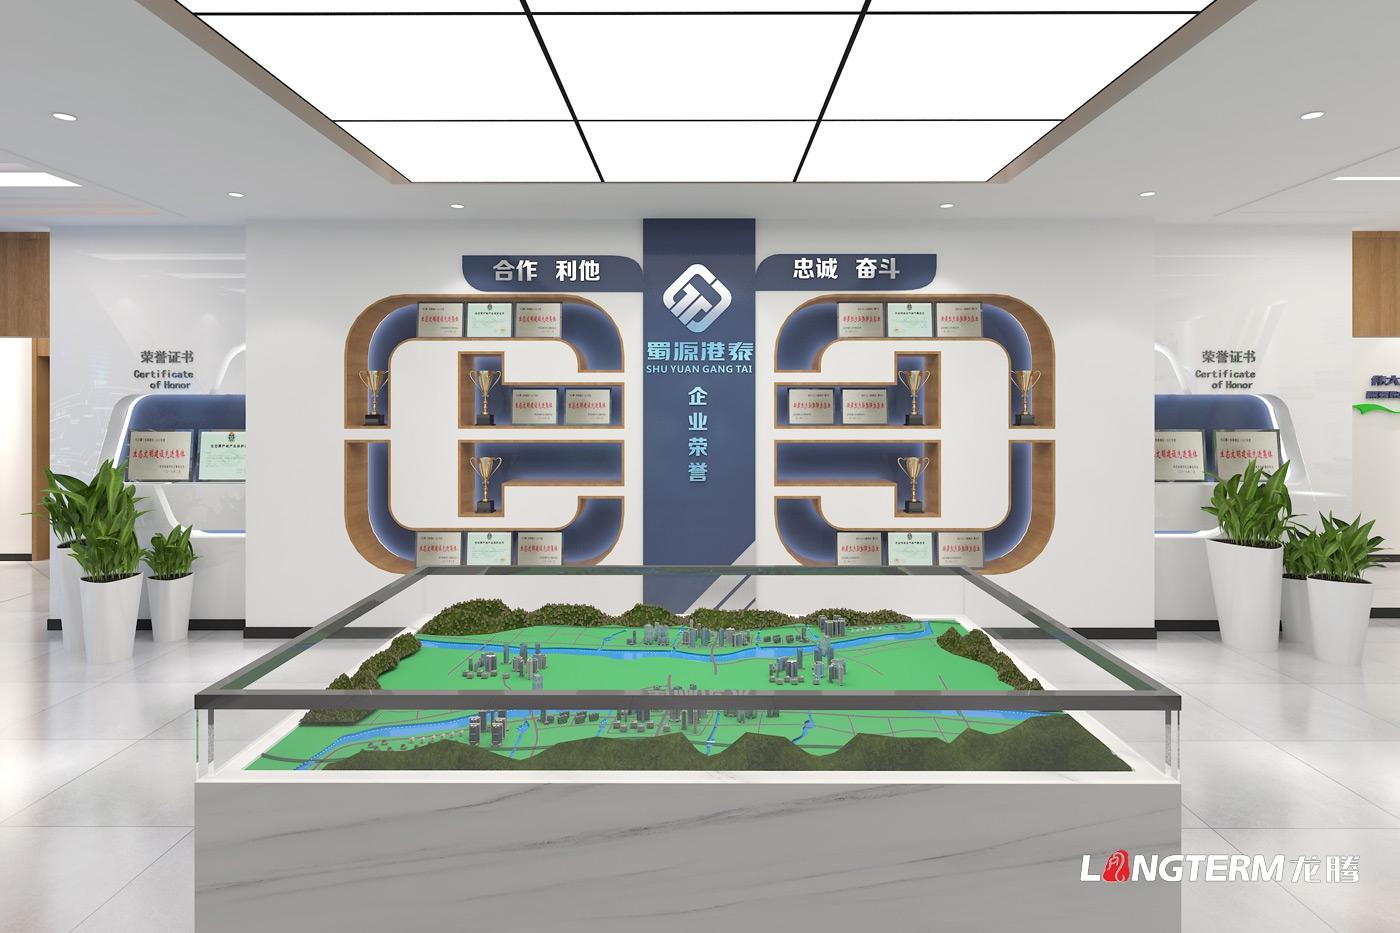 成都蜀源港泰新型建材有限公司企业荣誉展示厅亿博国际app下载